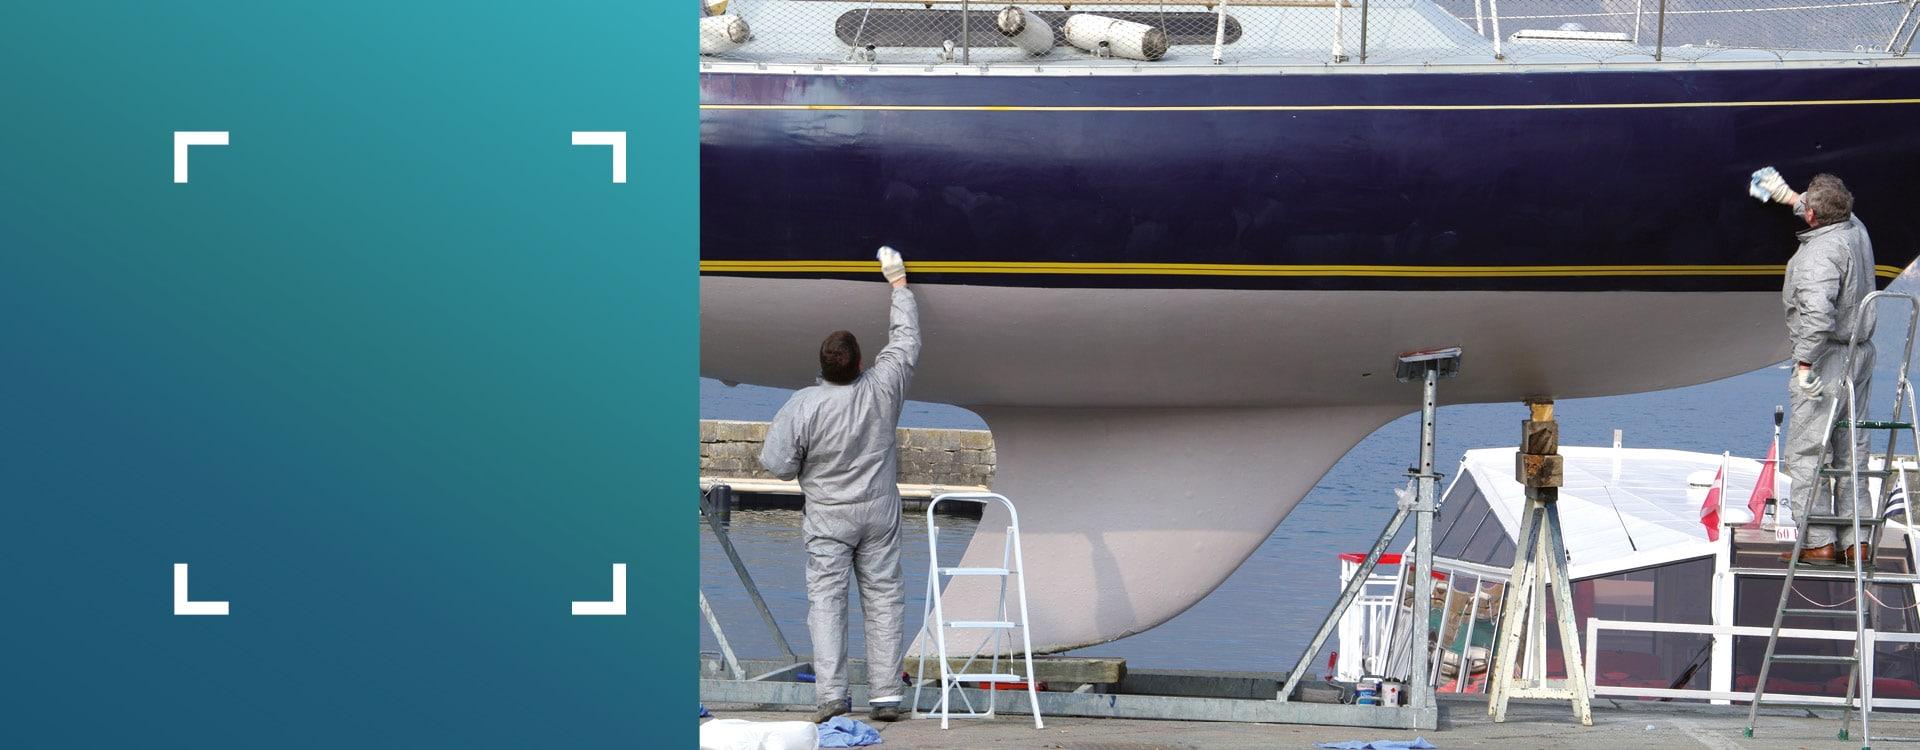 slide conseils d'expert - nautisme repeindre un bateau